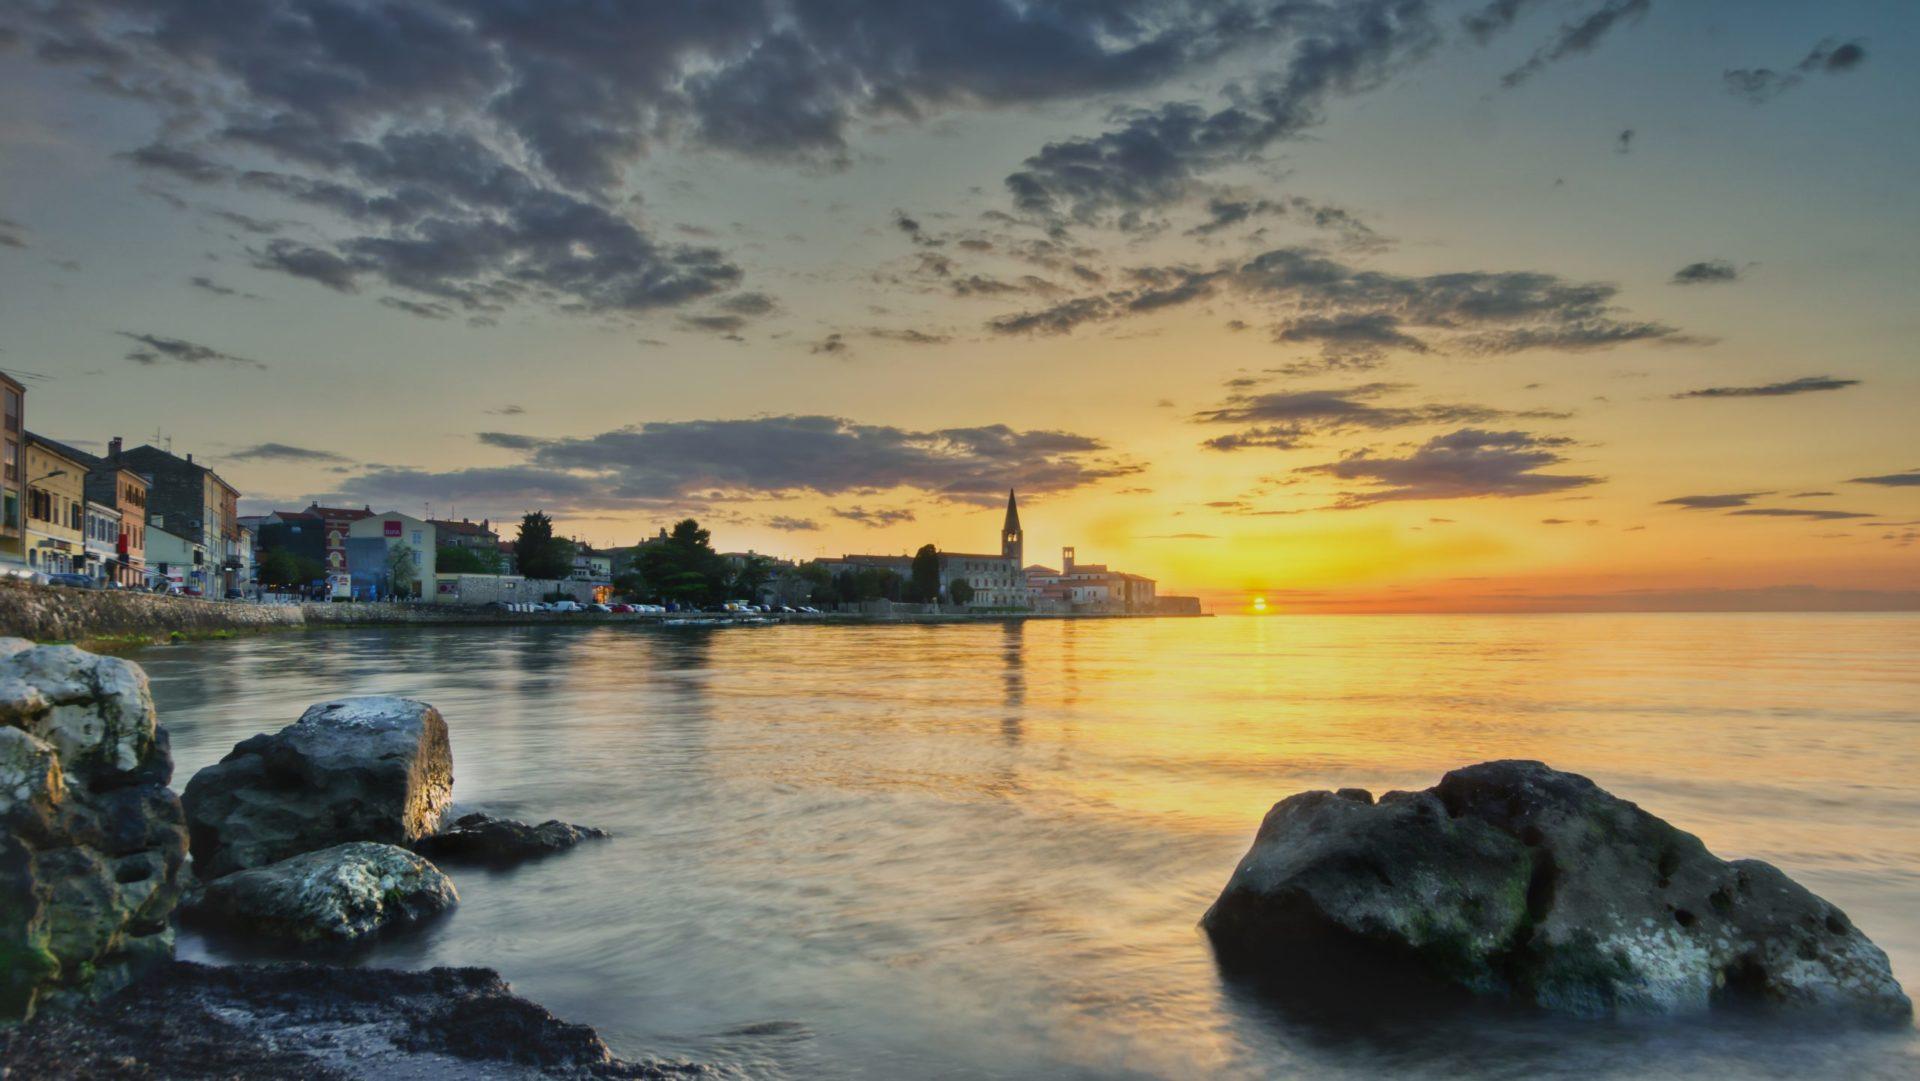 Wassertemperatur Porec: Blick über die Bucht von Porec auf die Altstadt mit Euphrasius-Basilika bei Sonnenuntergang